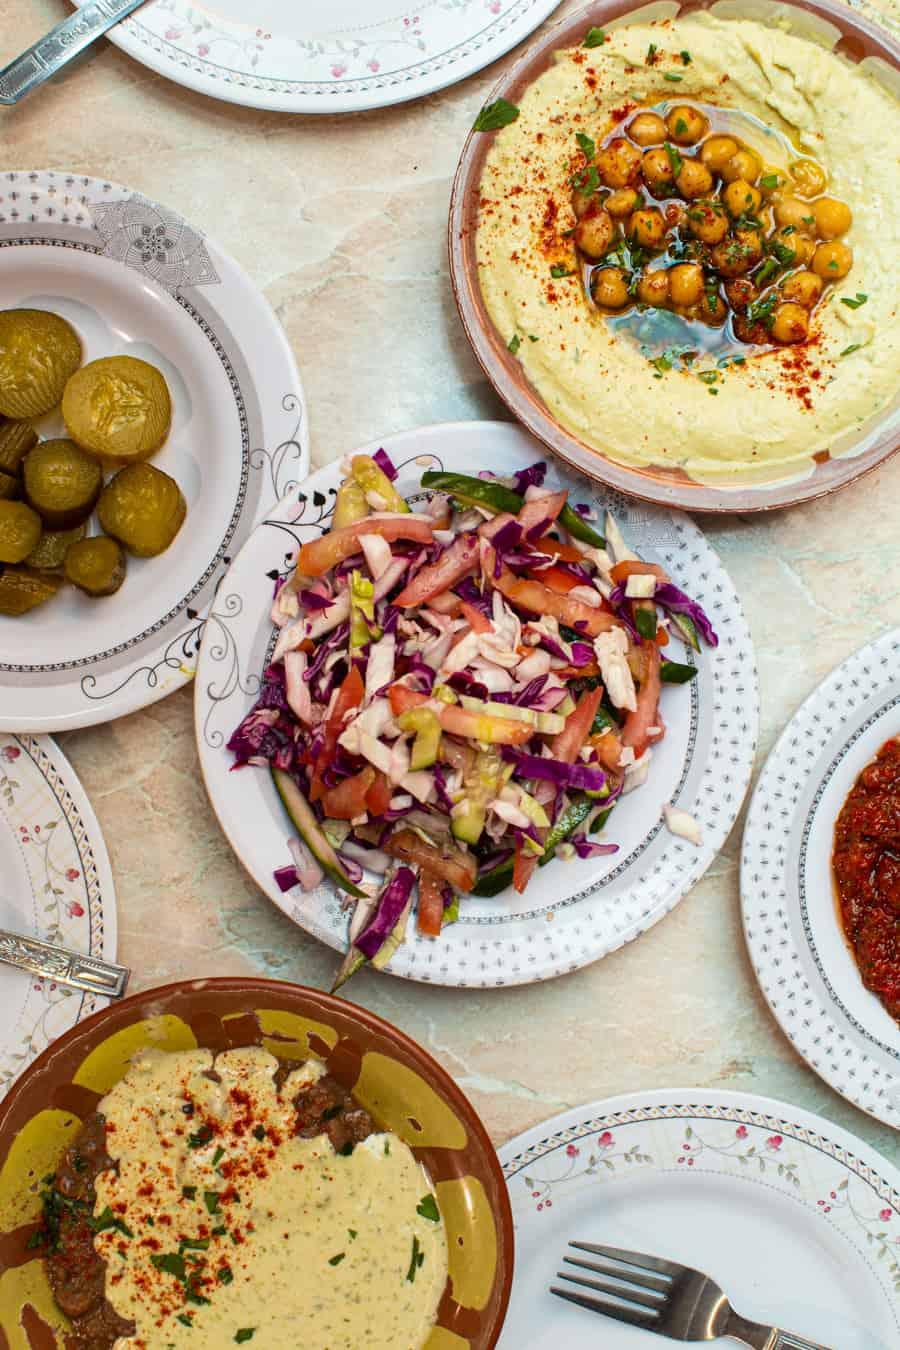 hummus at Abu Shukri, Jerusalem